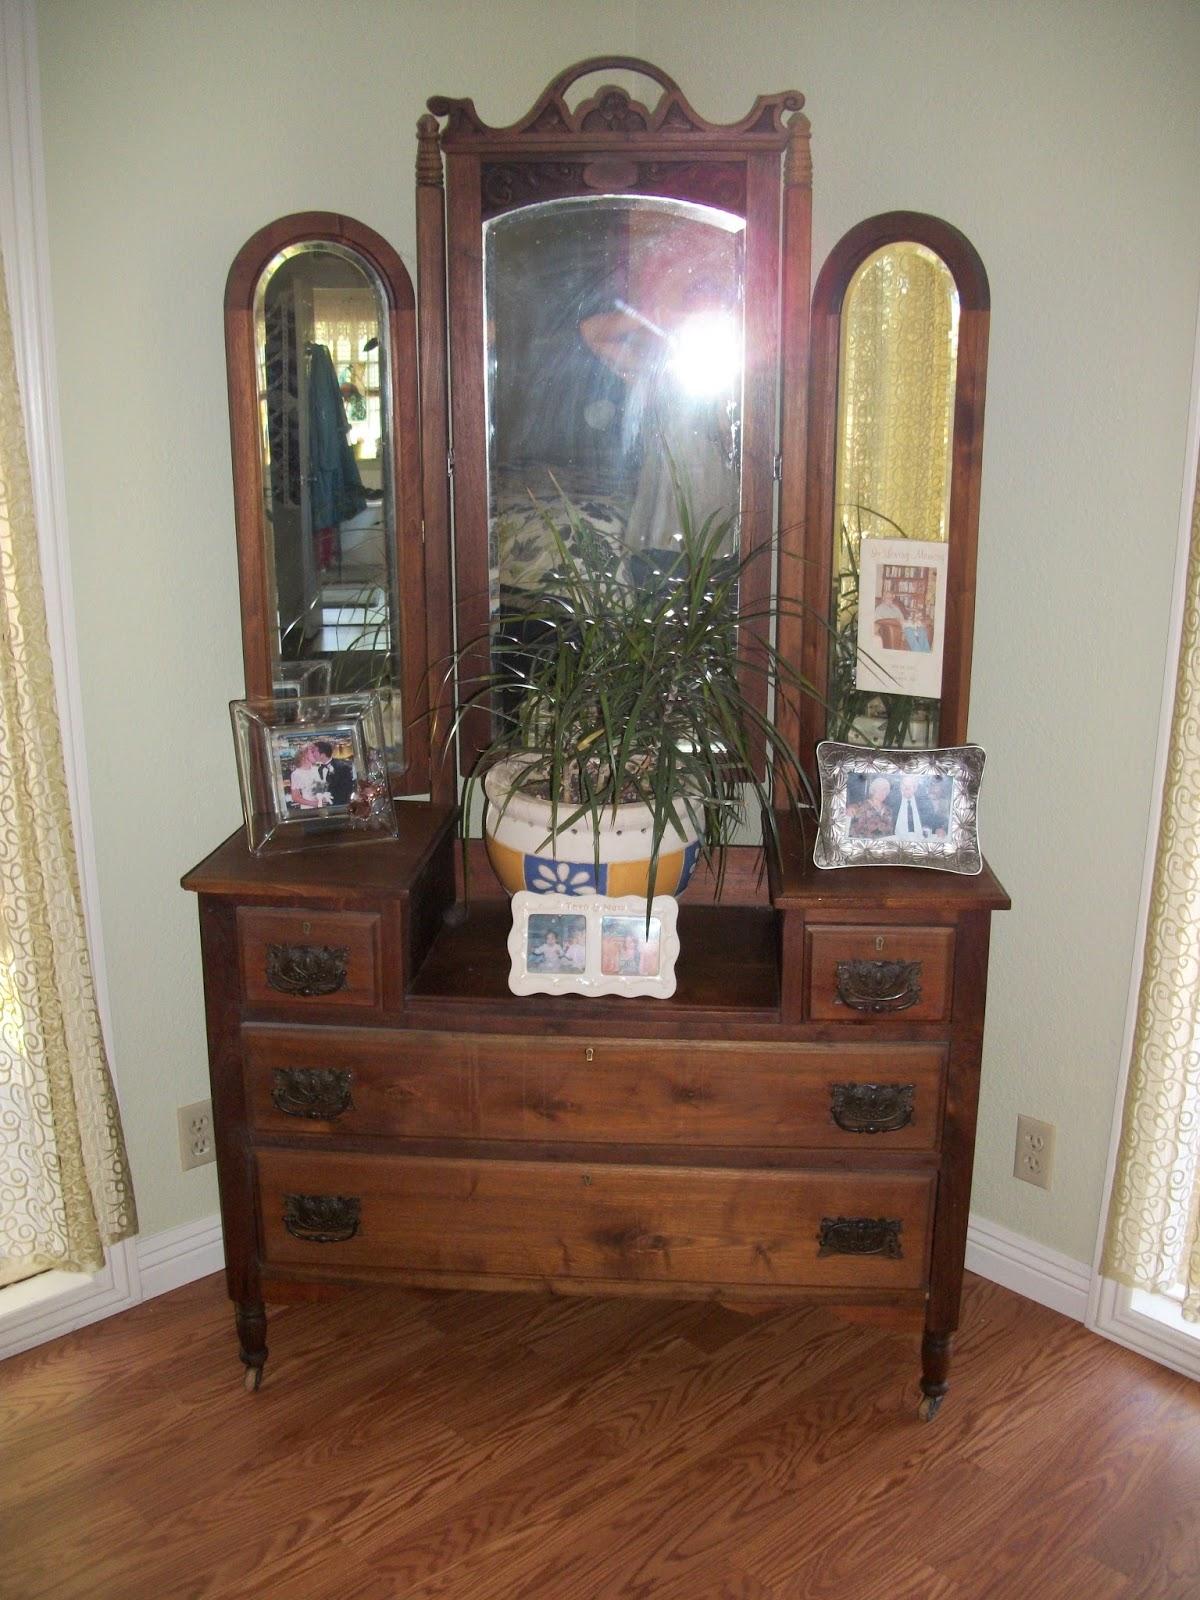 vintage 3 mirror vanity trifold vanity transformation a makeover to see.  vintage 3 mirror vanity ... - Vintage 3 Mirror Vanity - 28 Images - San Diego Real Estate